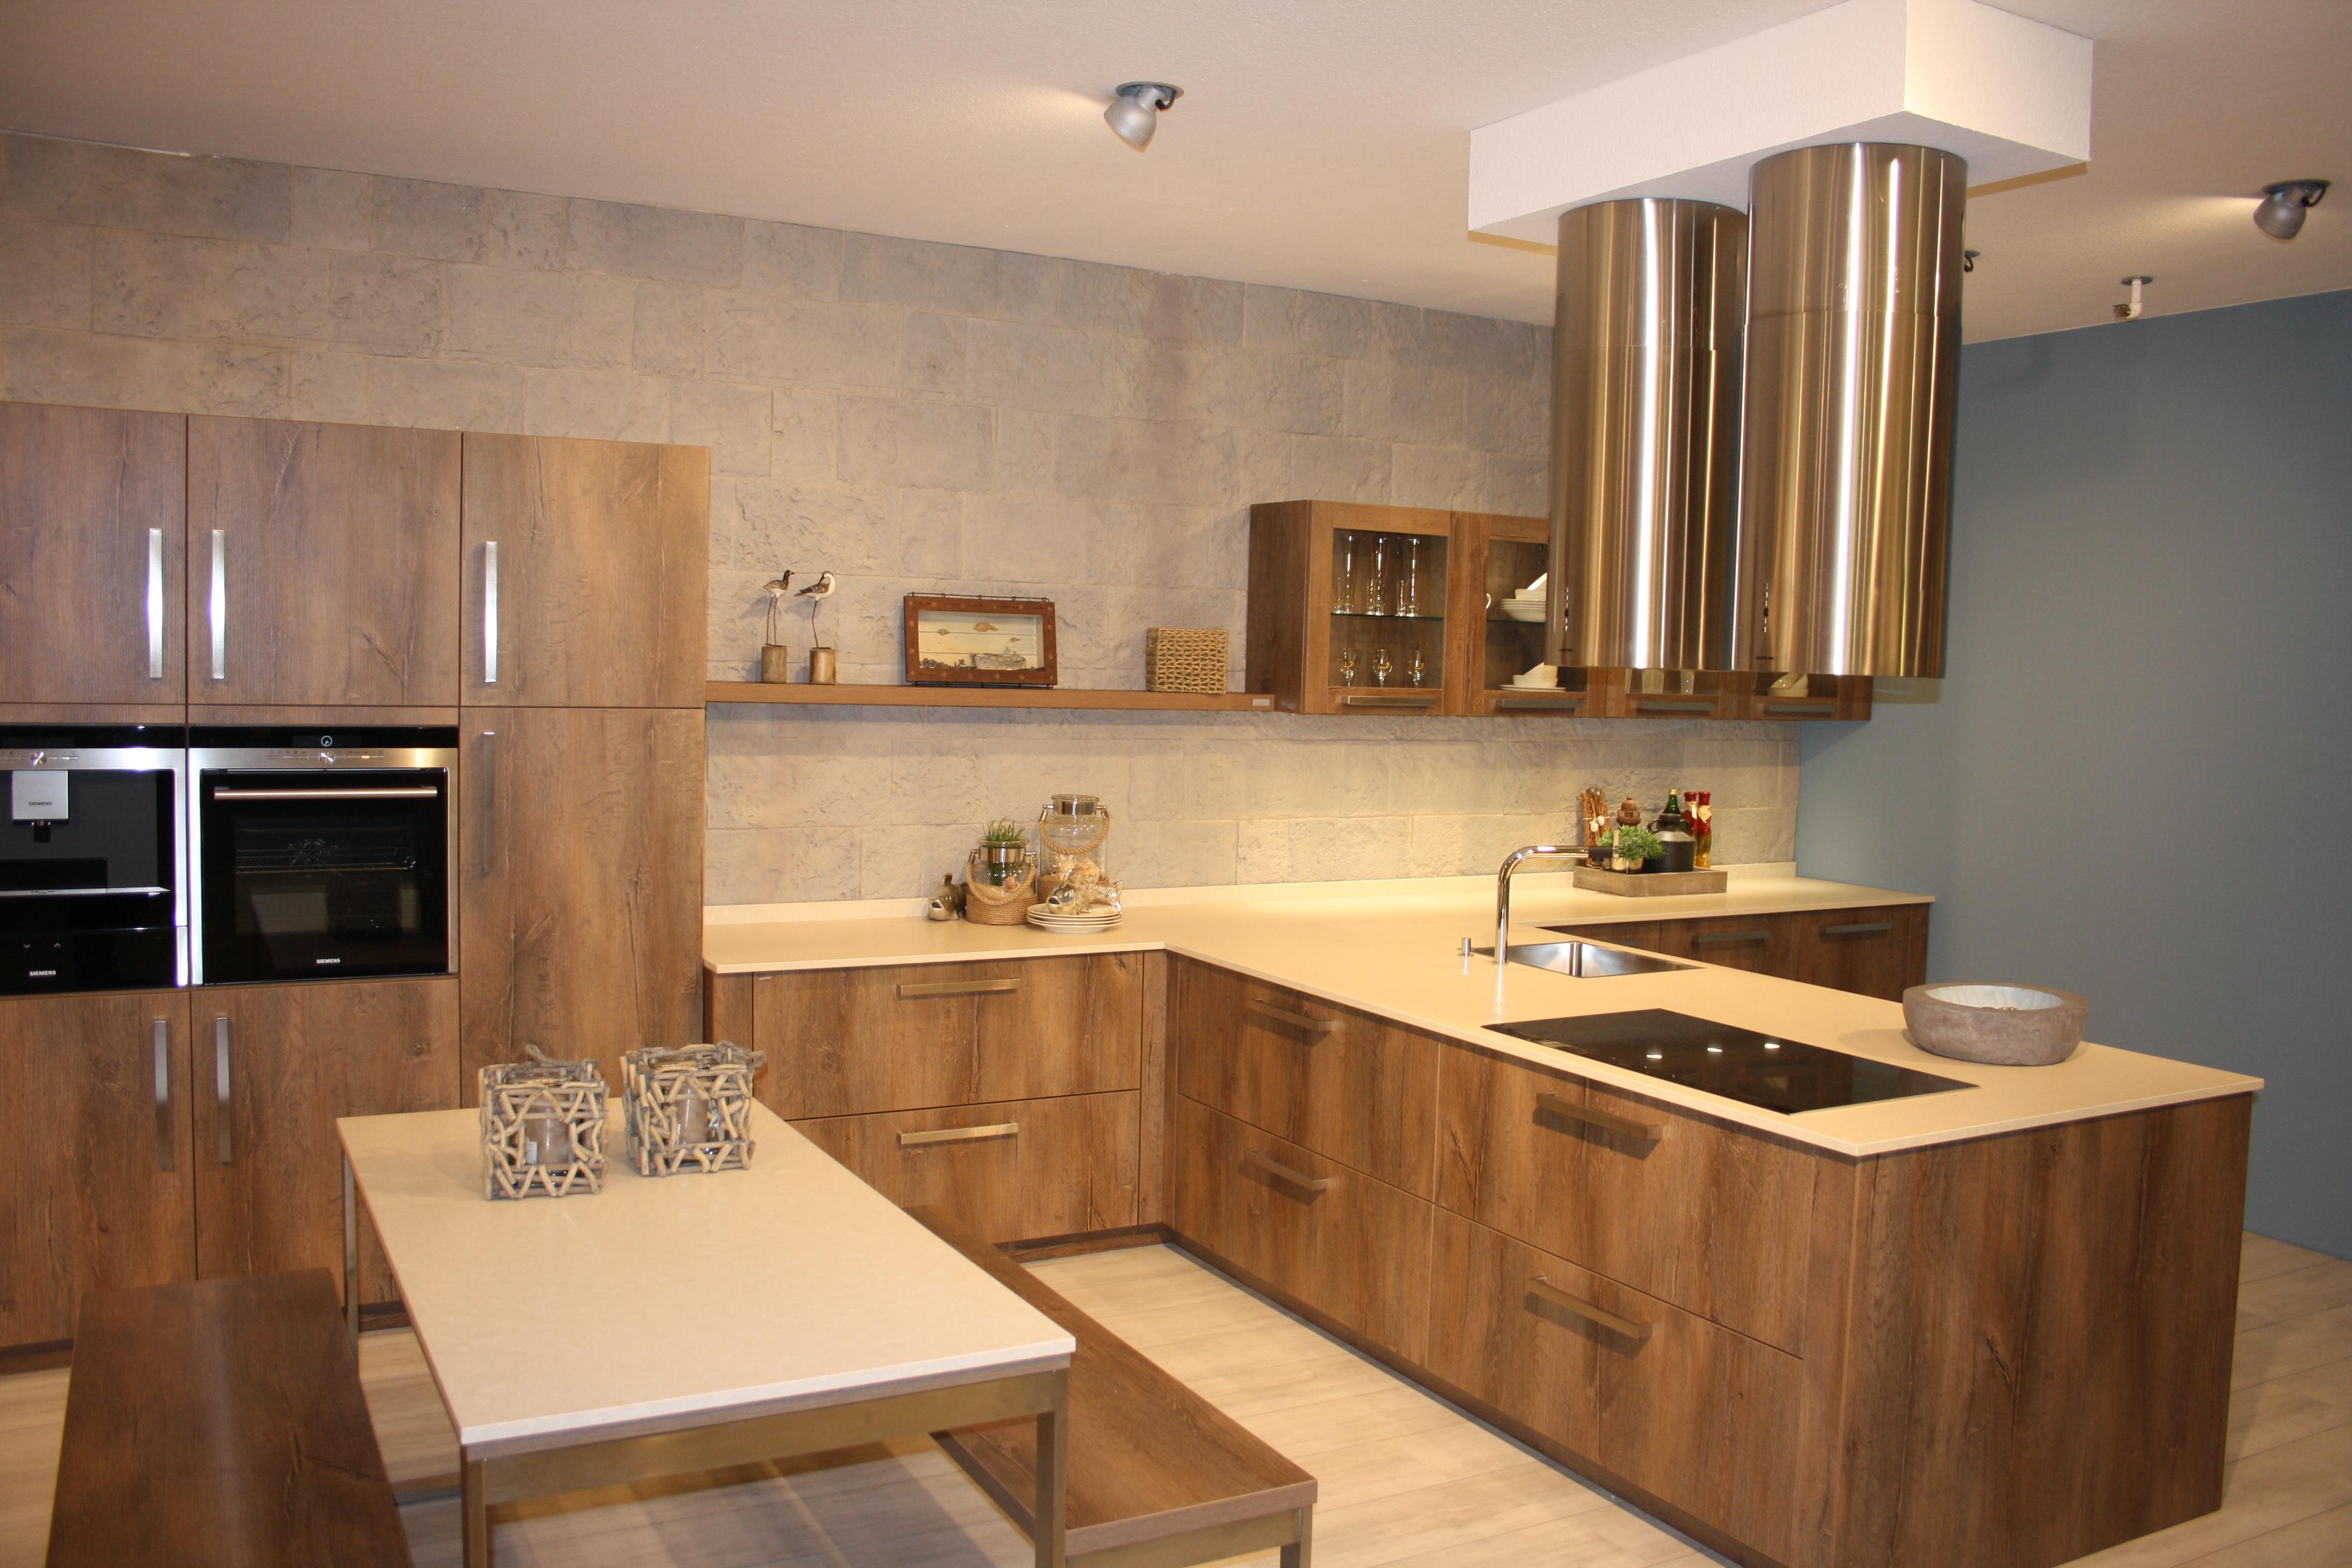 ffnungszeiten thomas k chen steige 7 in mosbach. Black Bedroom Furniture Sets. Home Design Ideas